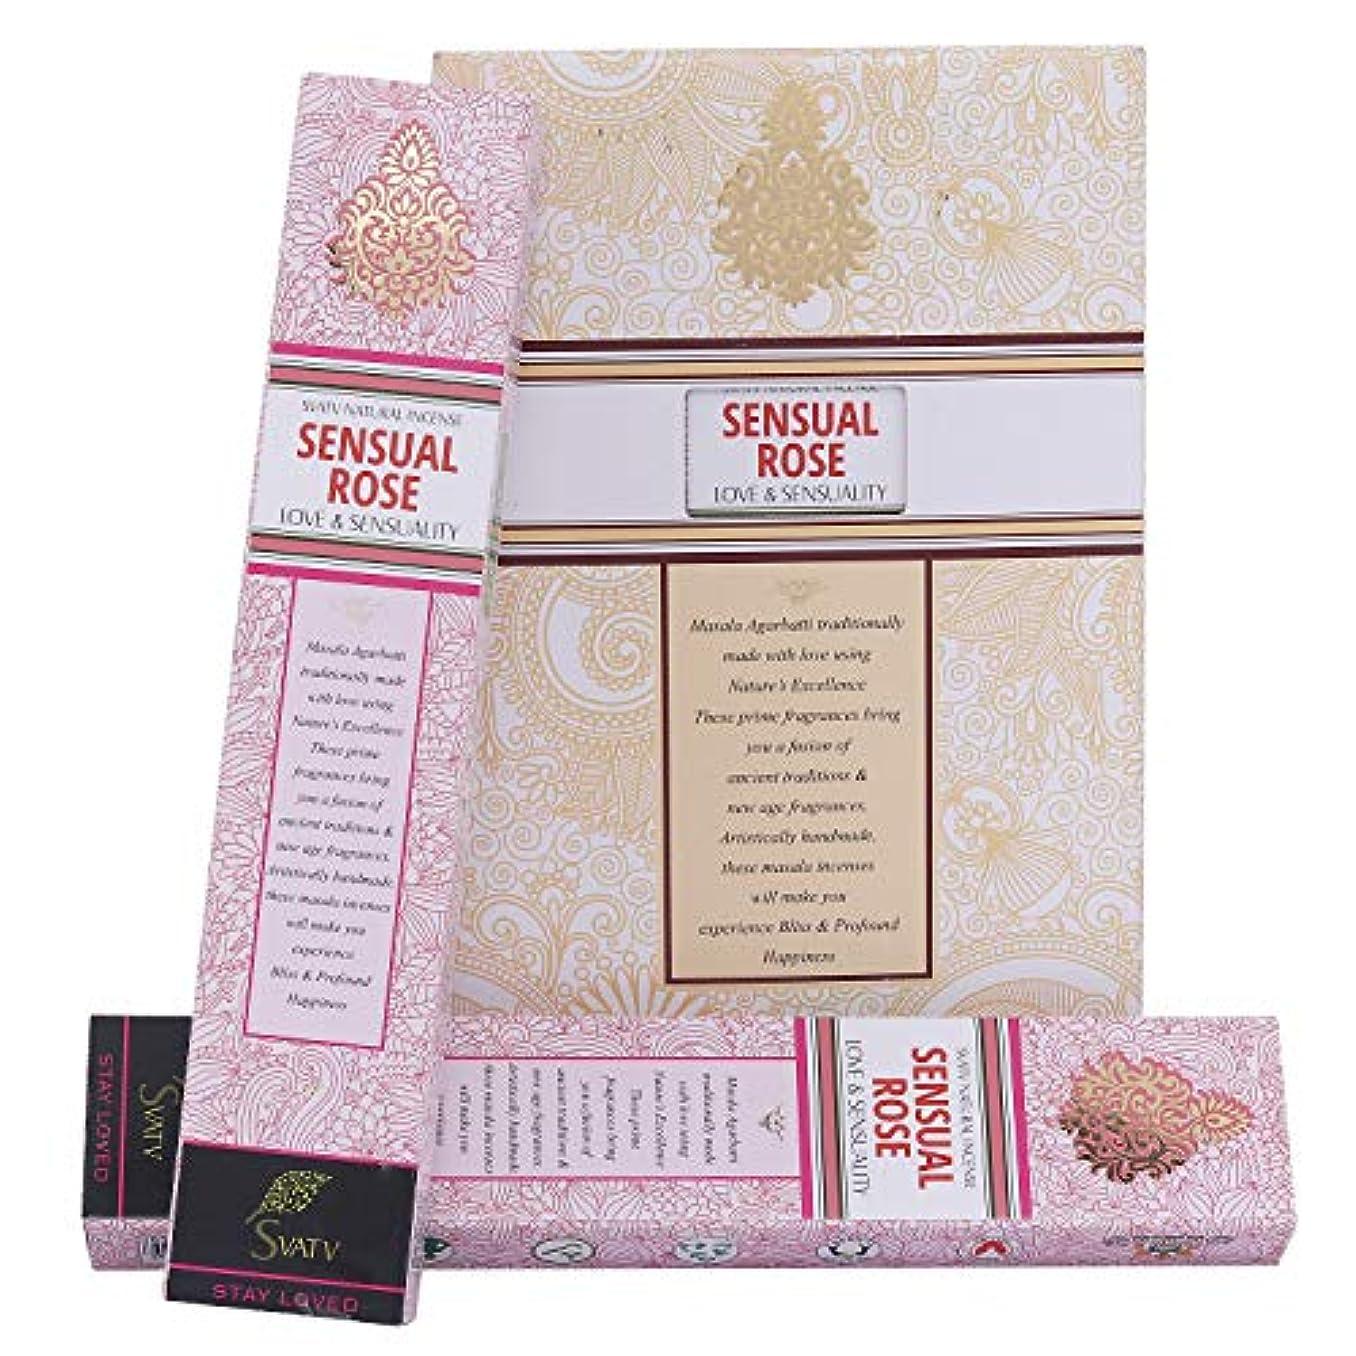 スクラップ農夫祖父母を訪問SVATV Rose :: Hand Rolled Masala Incense Stick Made in India 15g Pack Of 2